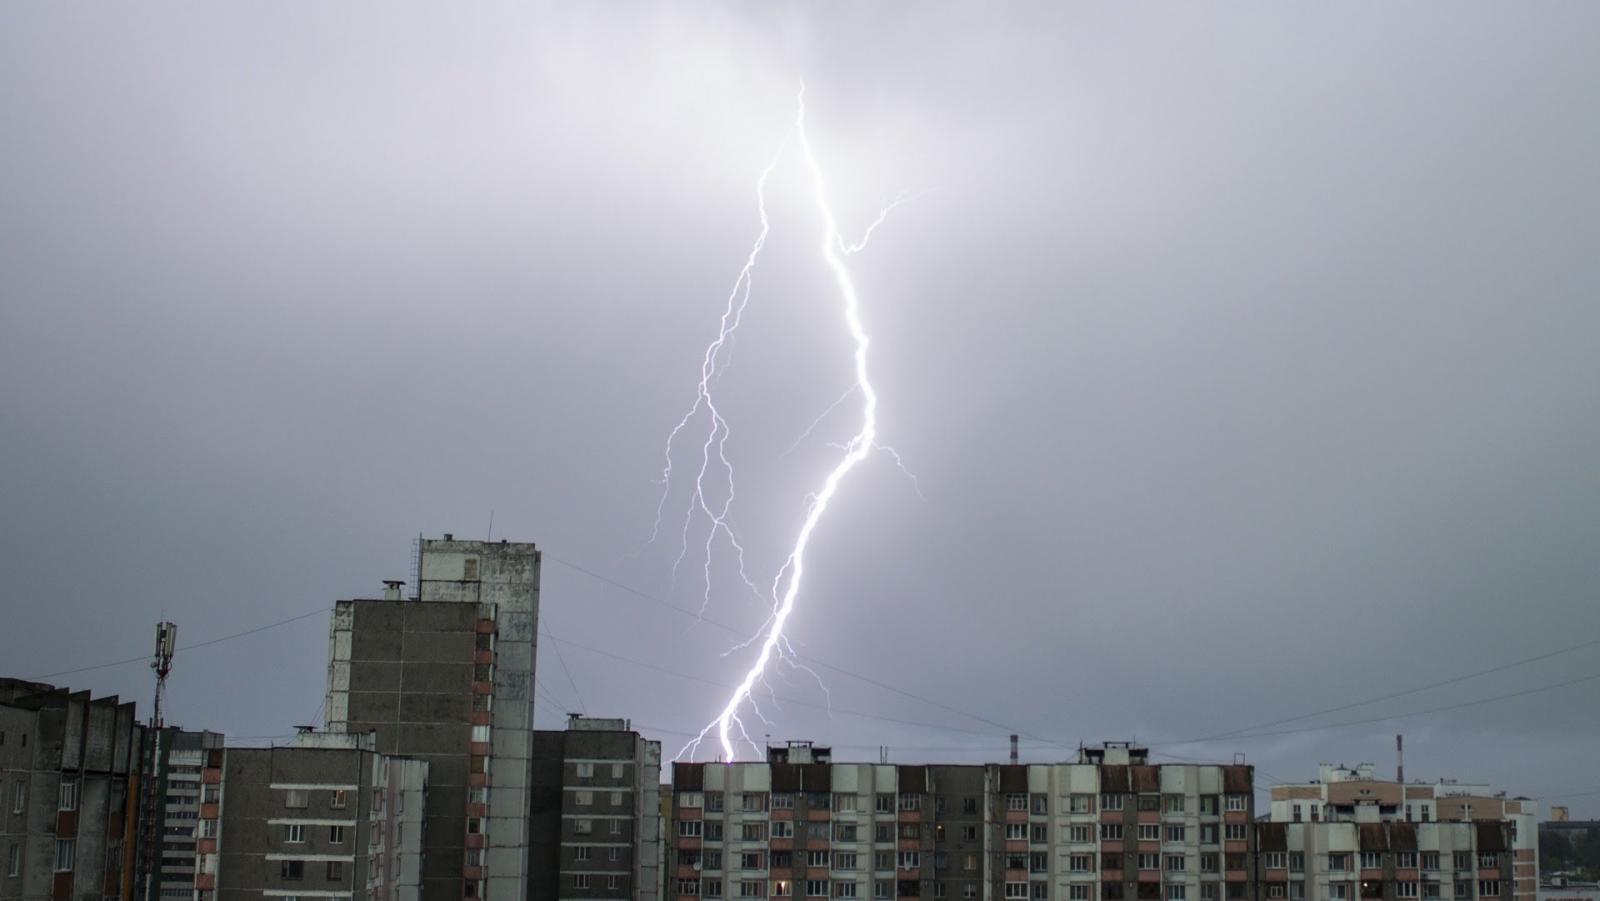 В Брянской области 30 июня ожидается дождь с грозой